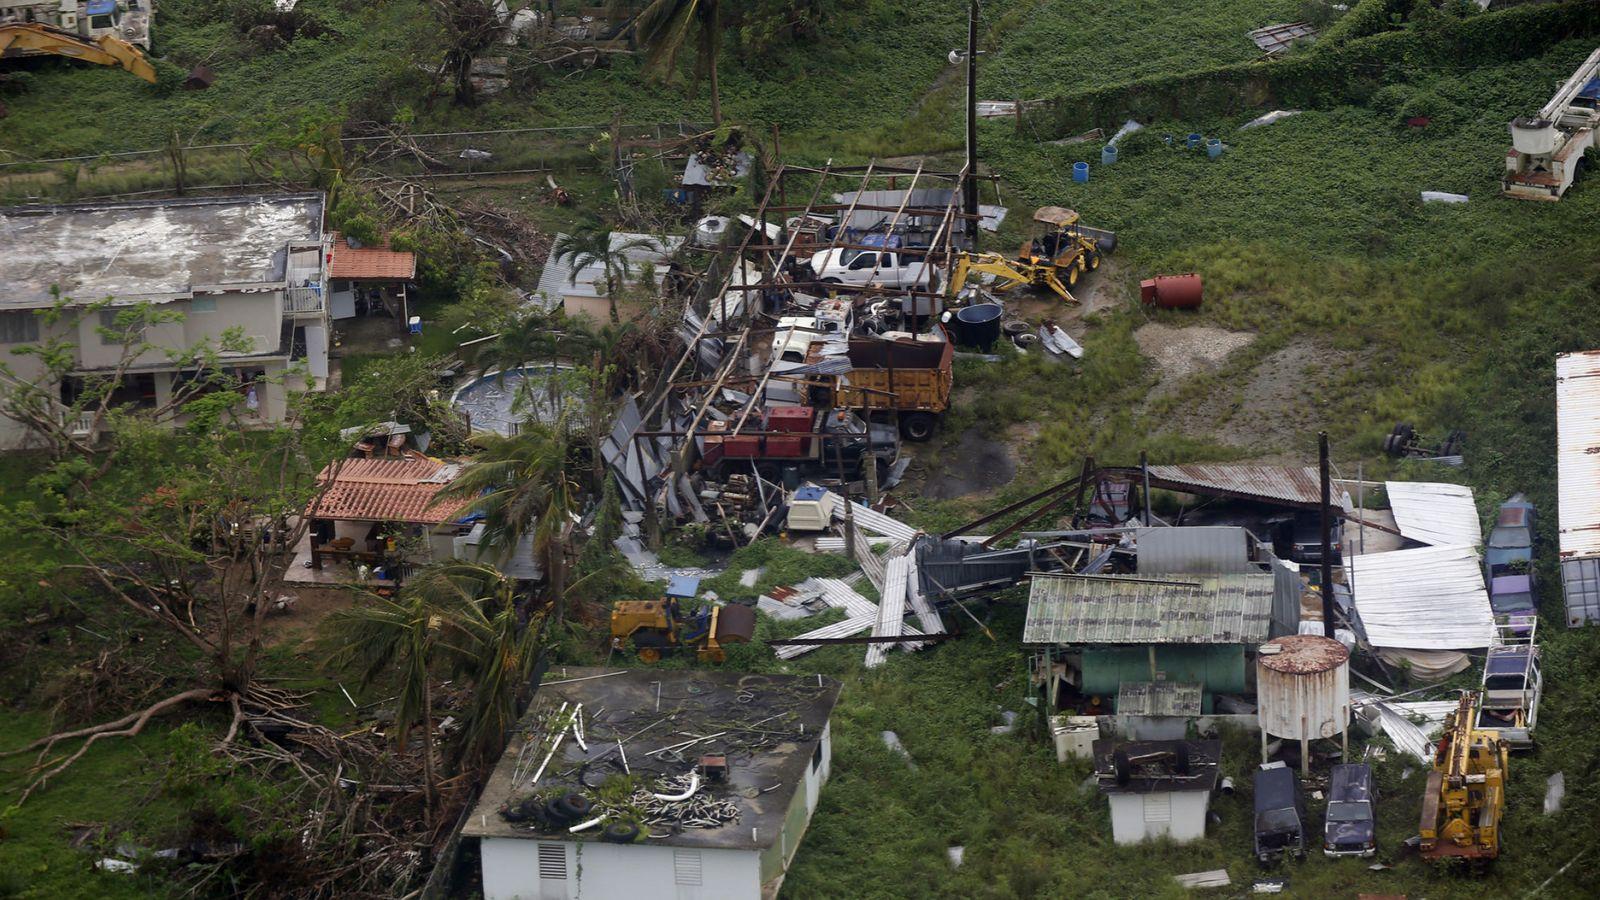 Foto: Misión del ejército para entregar suministros a damnificados huracán maría en Puerto Rico. (EFE)